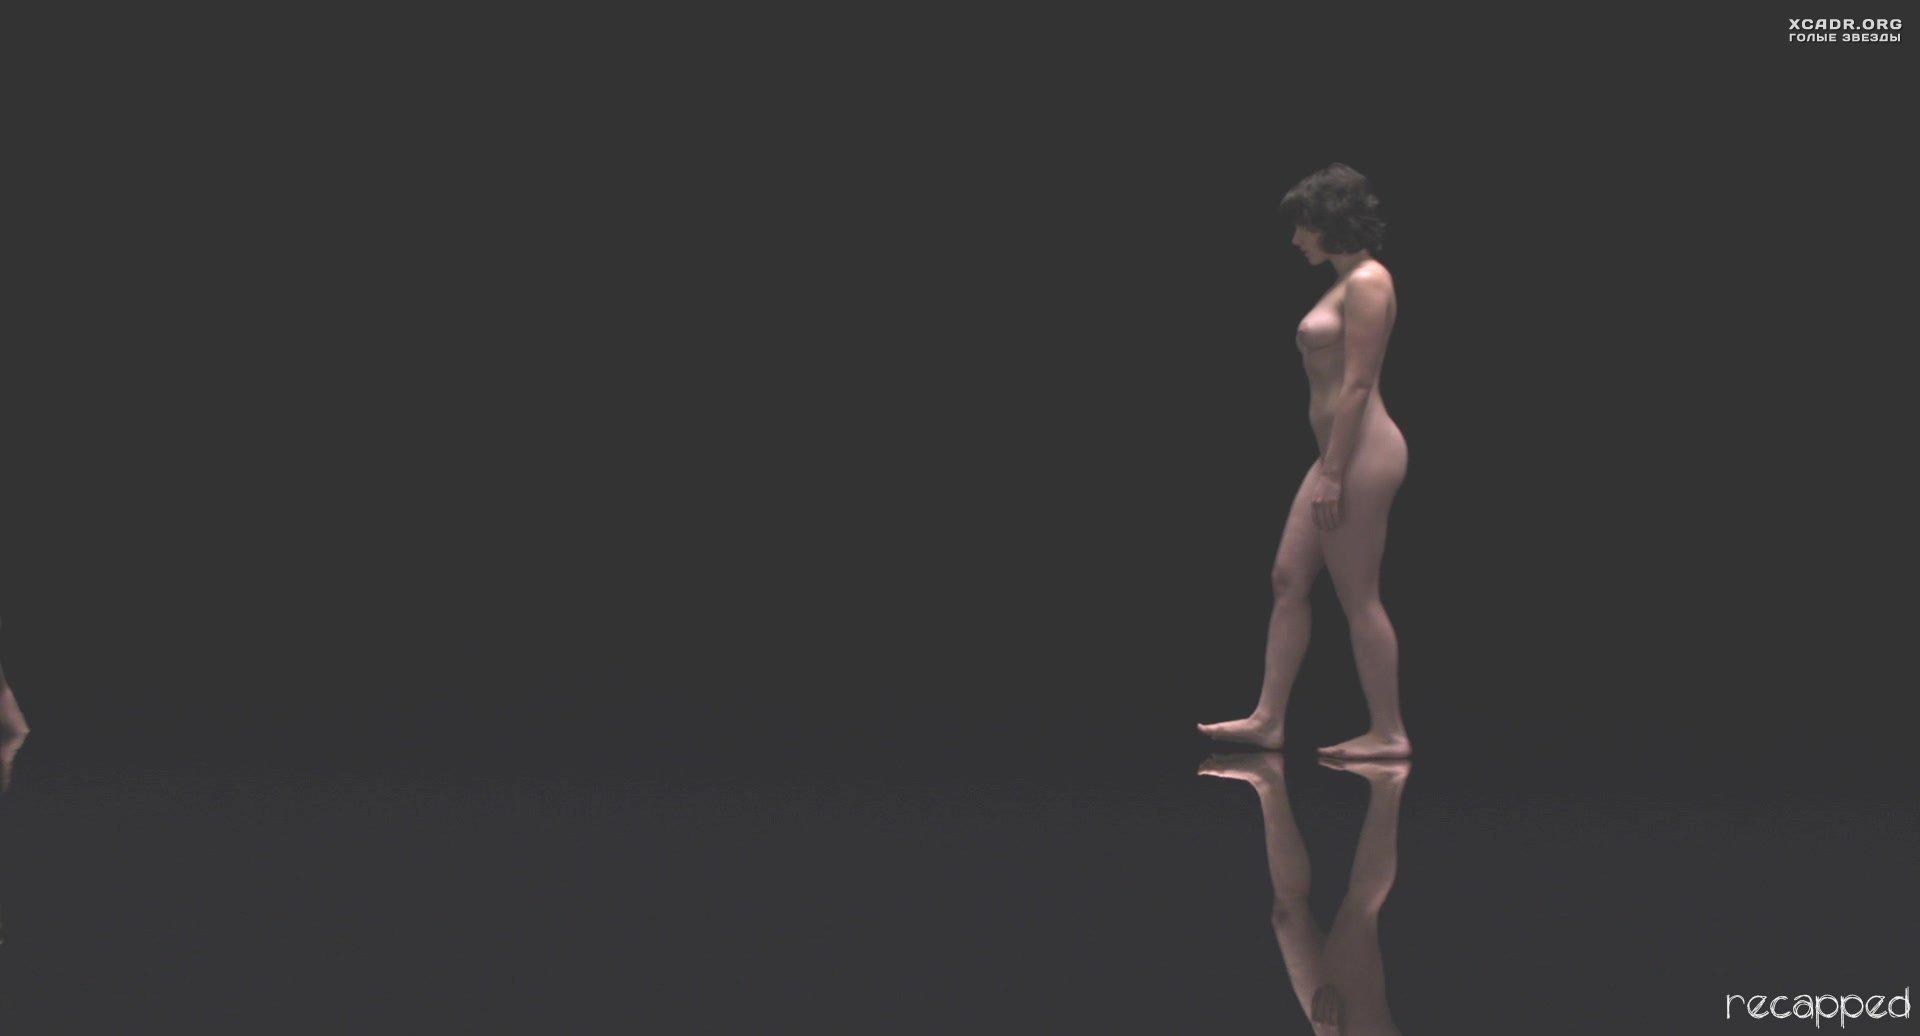 Голая Скарлетт Йоханссон видео  XCADRCOM